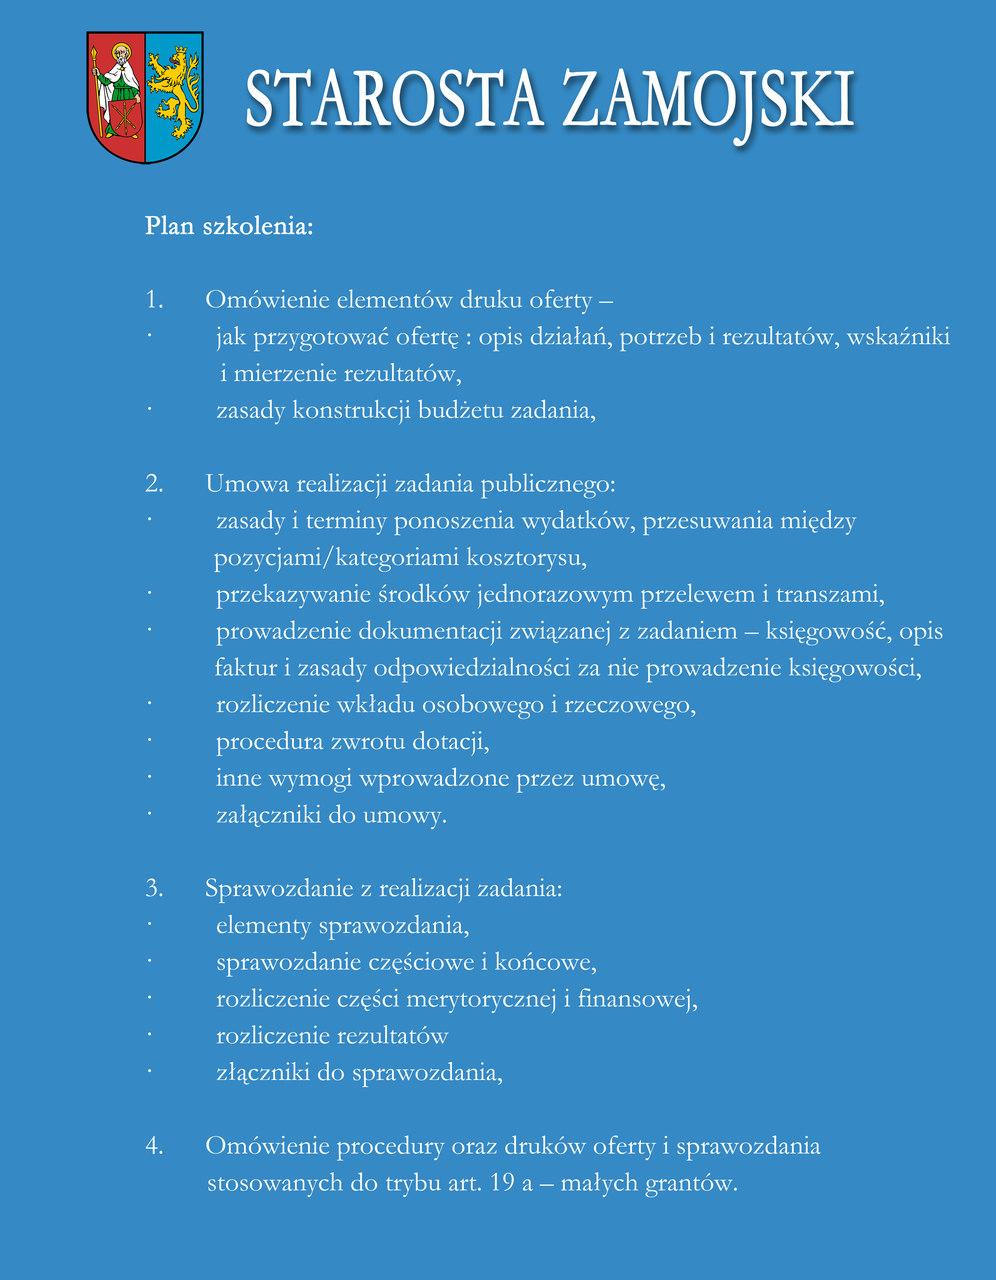 plan szkolenia easy resize com Bezpłatne szkolenie dla przedstawicieli organizacji pozarządowych